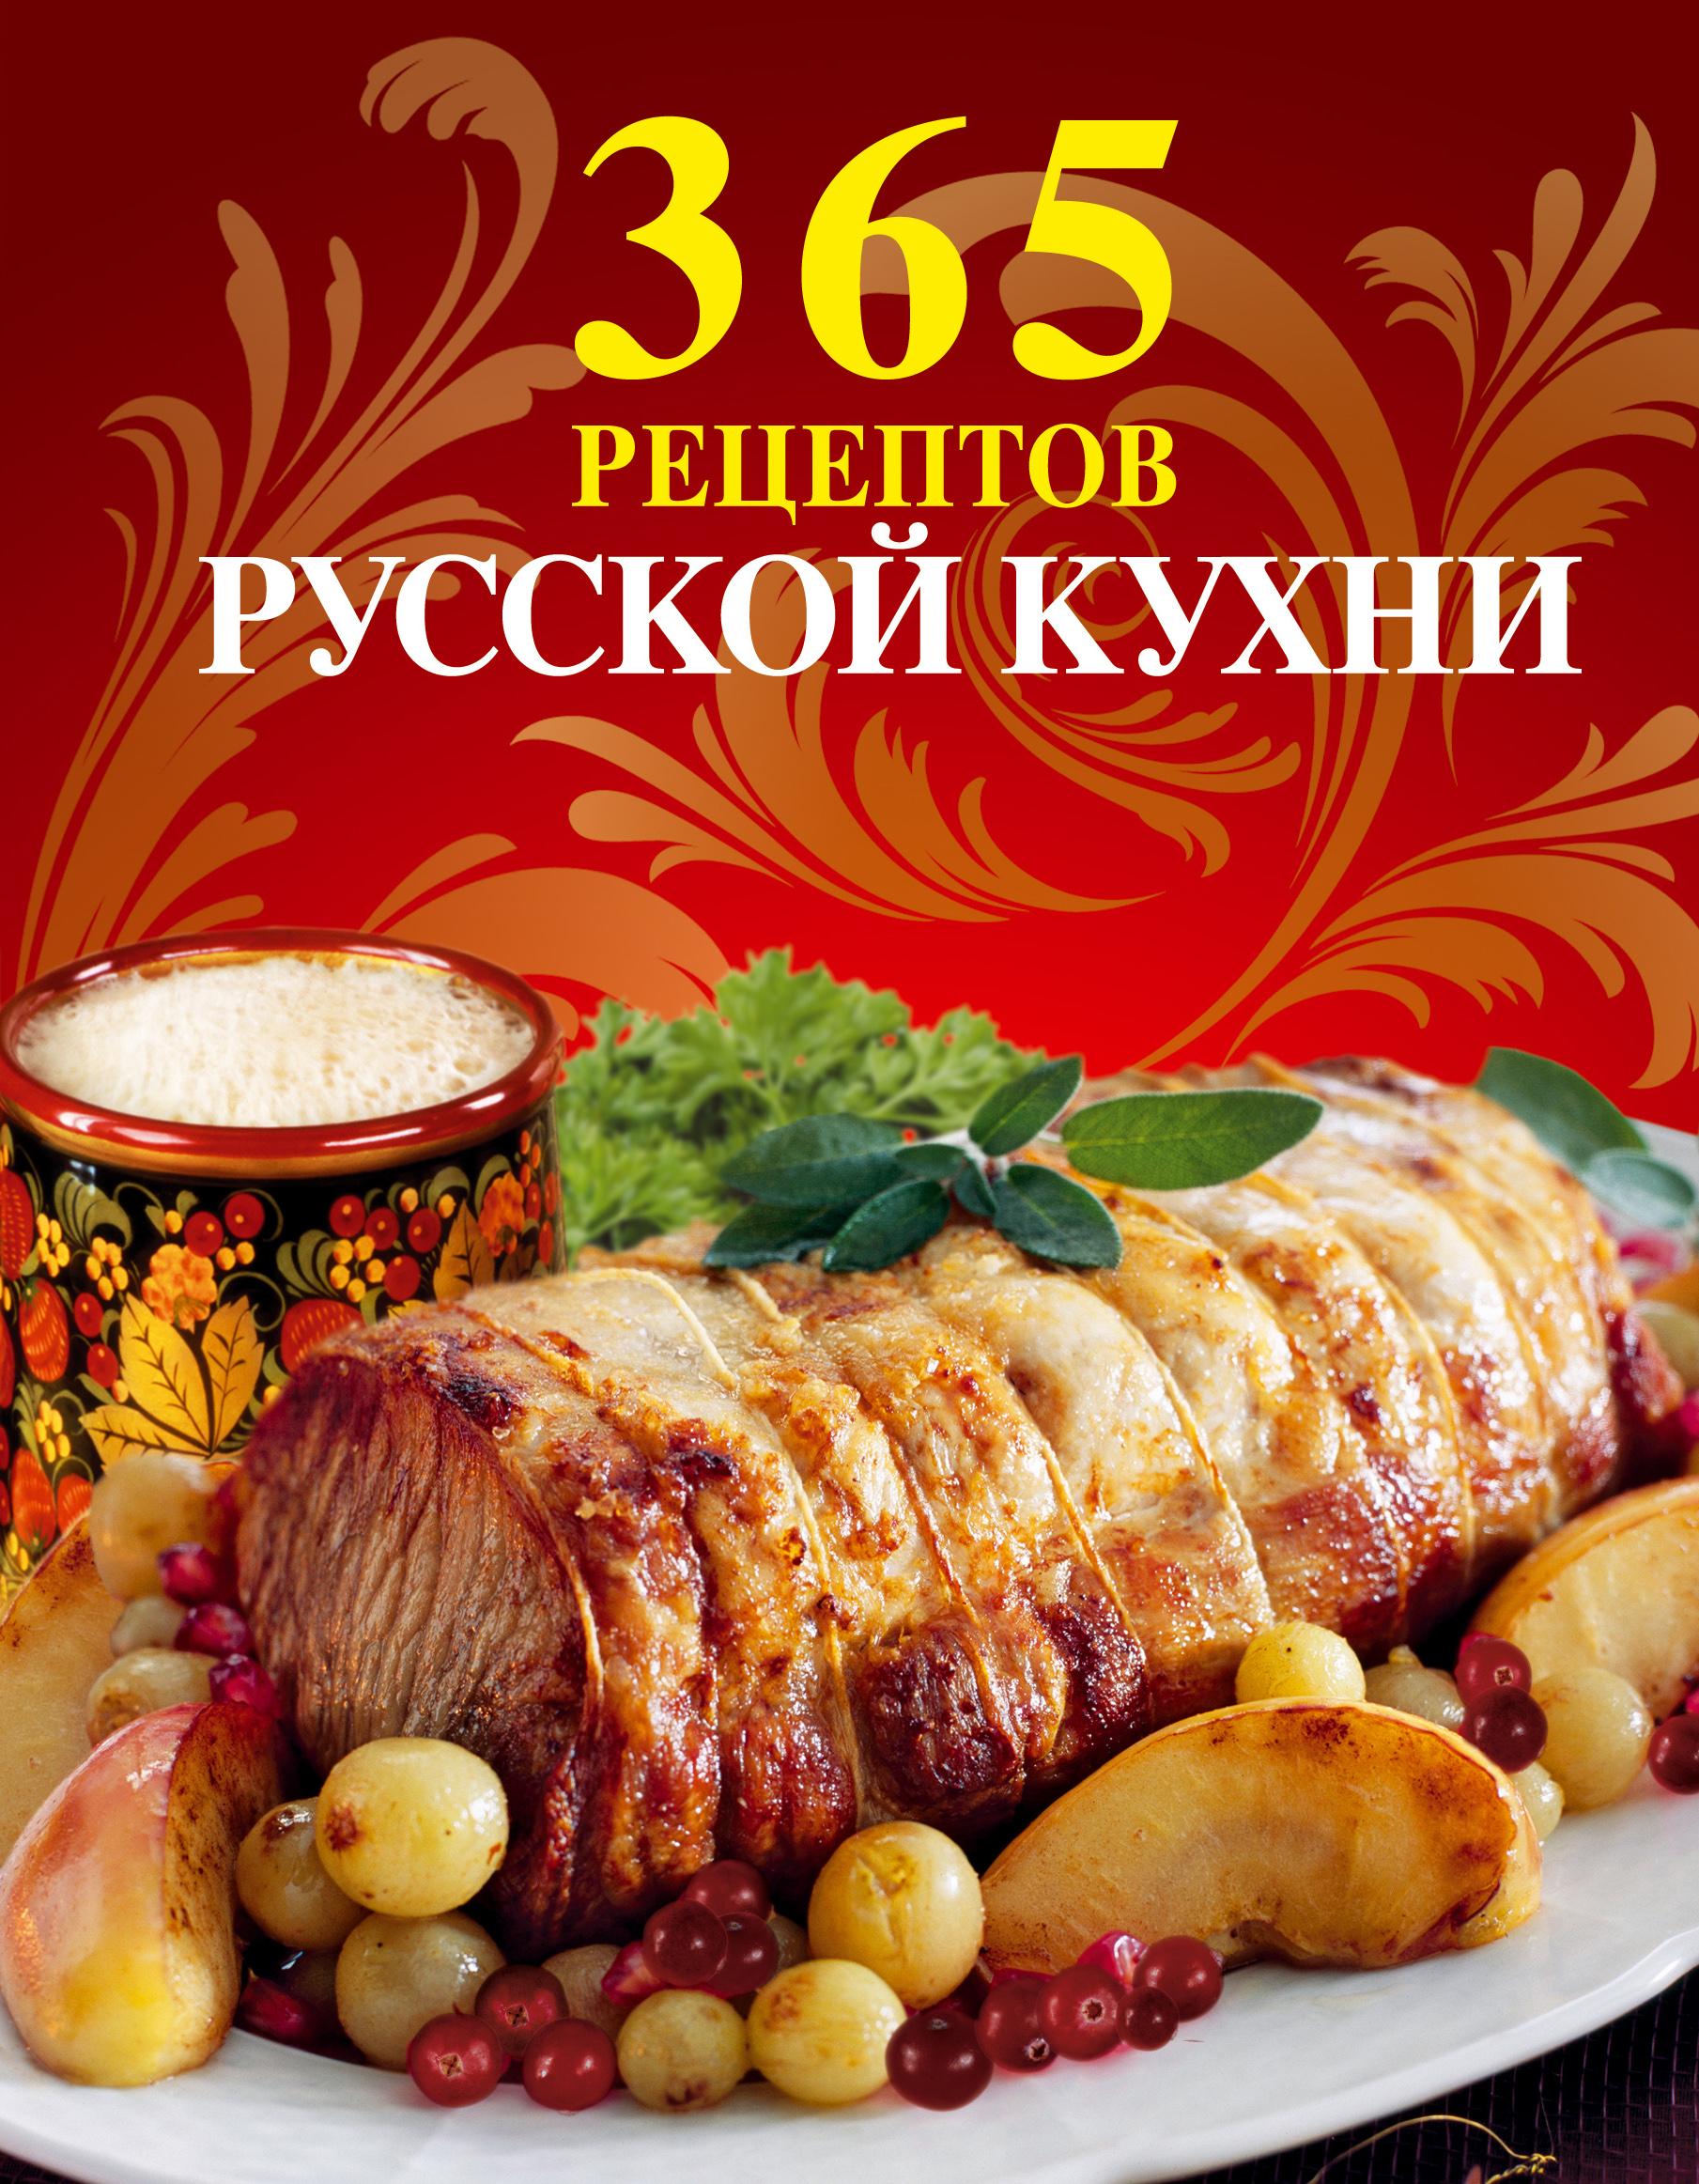 ещё долго русской кухни онлайн ложь путина медведева